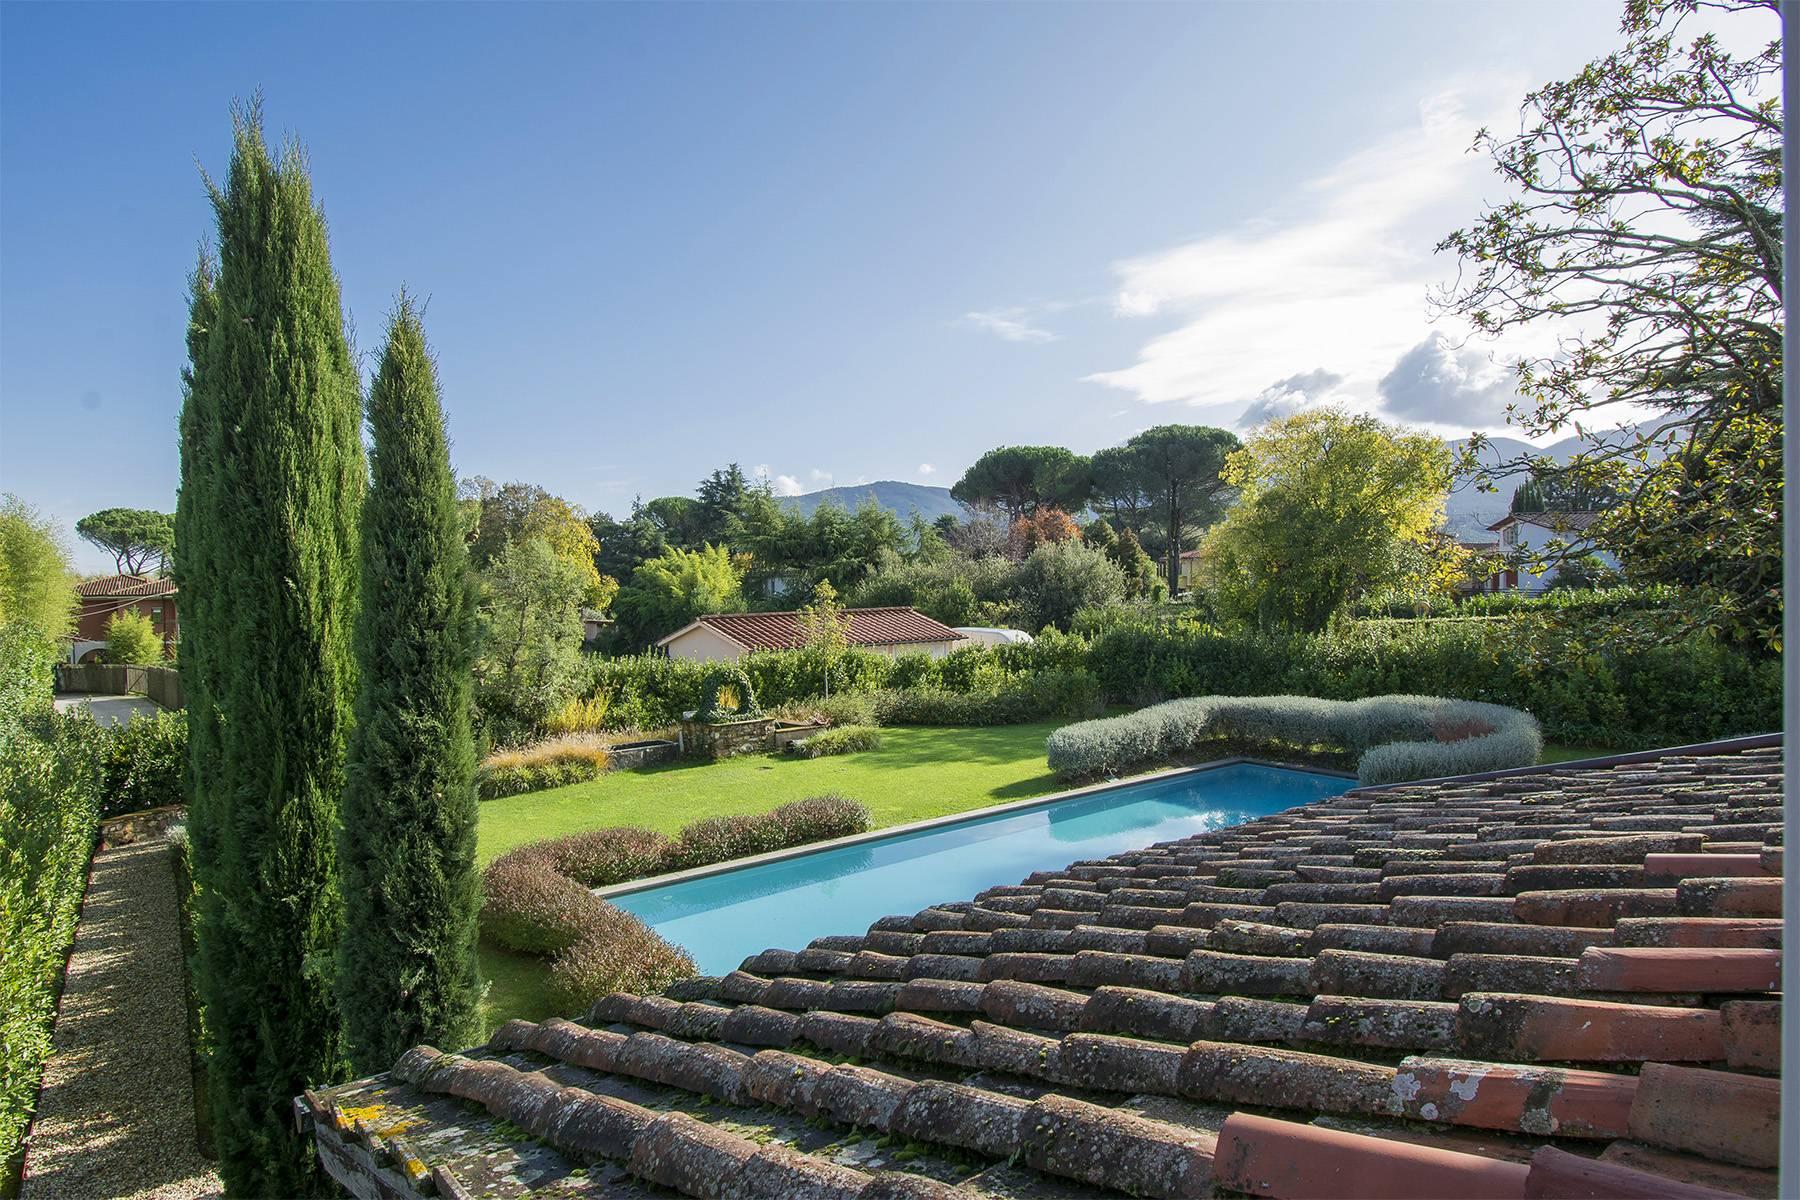 Casa indipendente in Vendita a Lucca: 5 locali, 130 mq - Foto 19